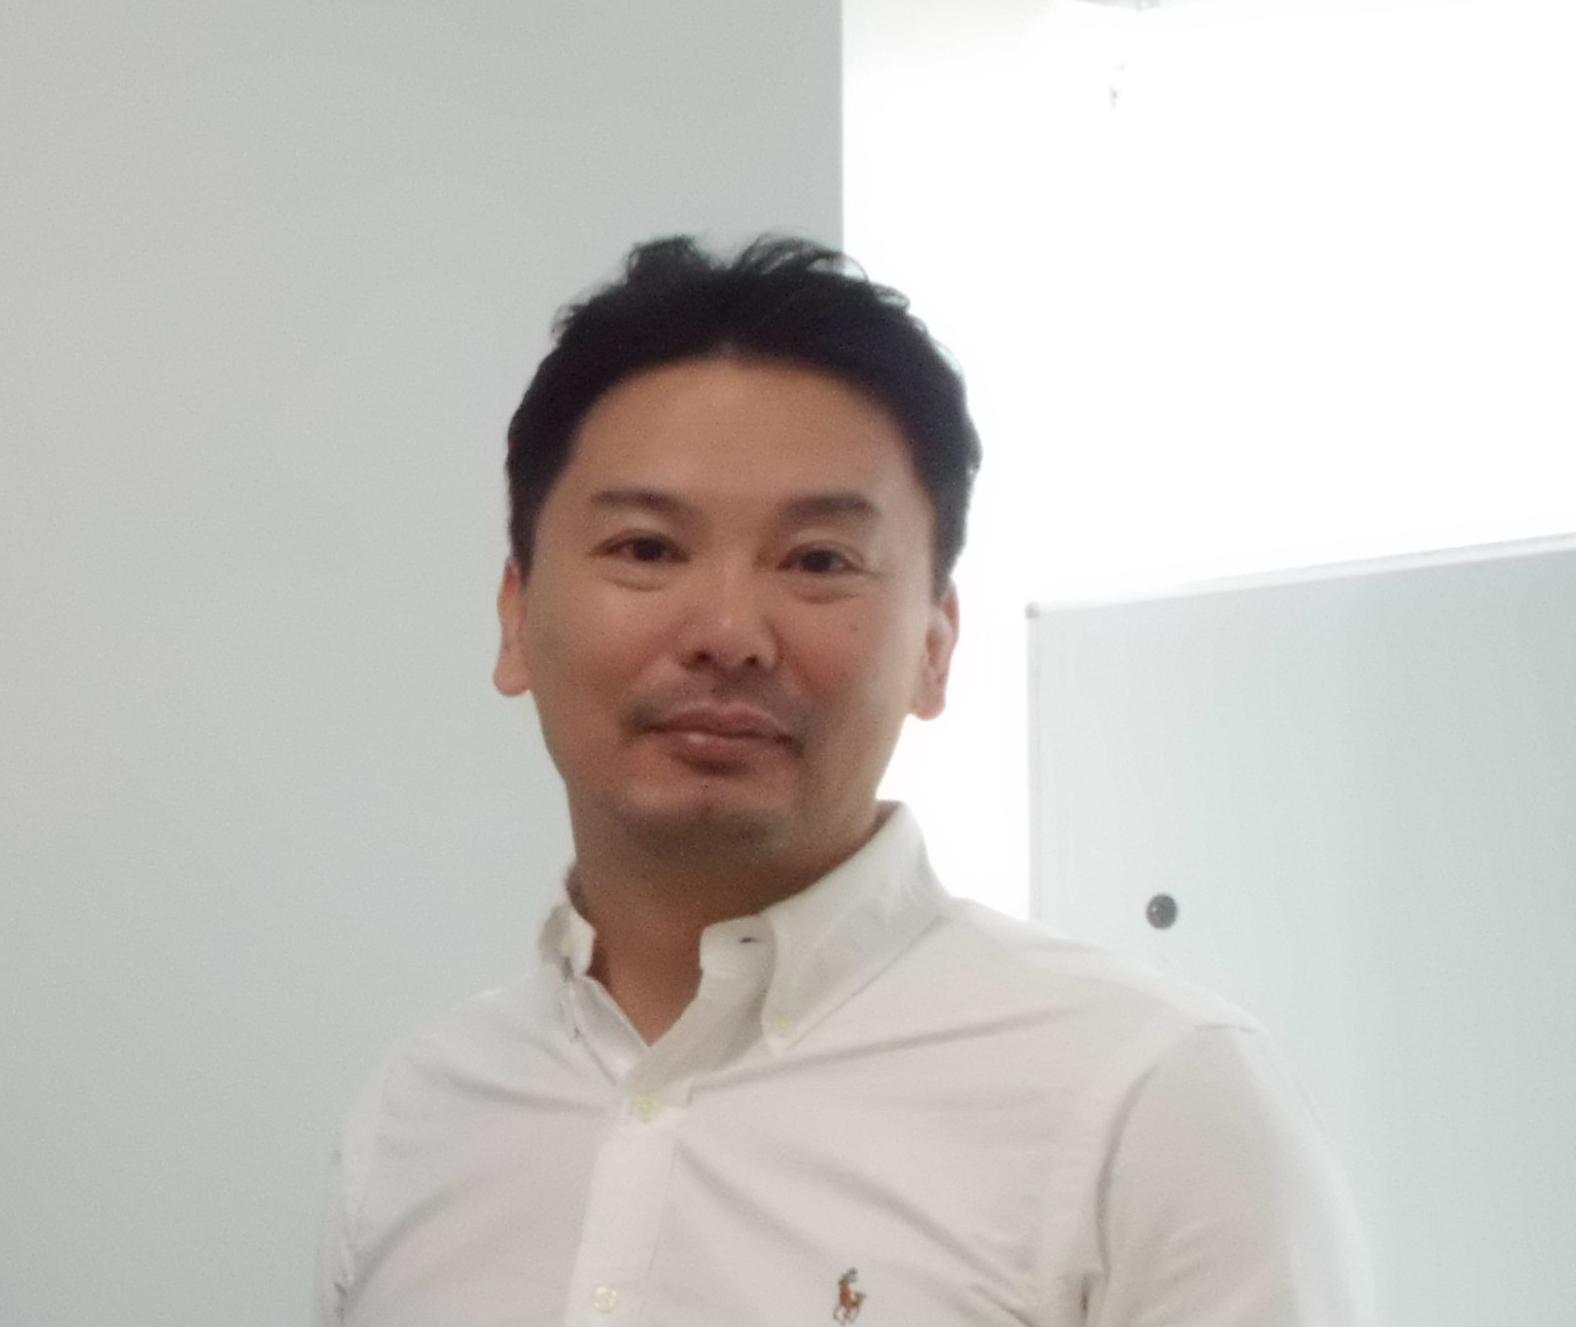 Masanori Nakayama